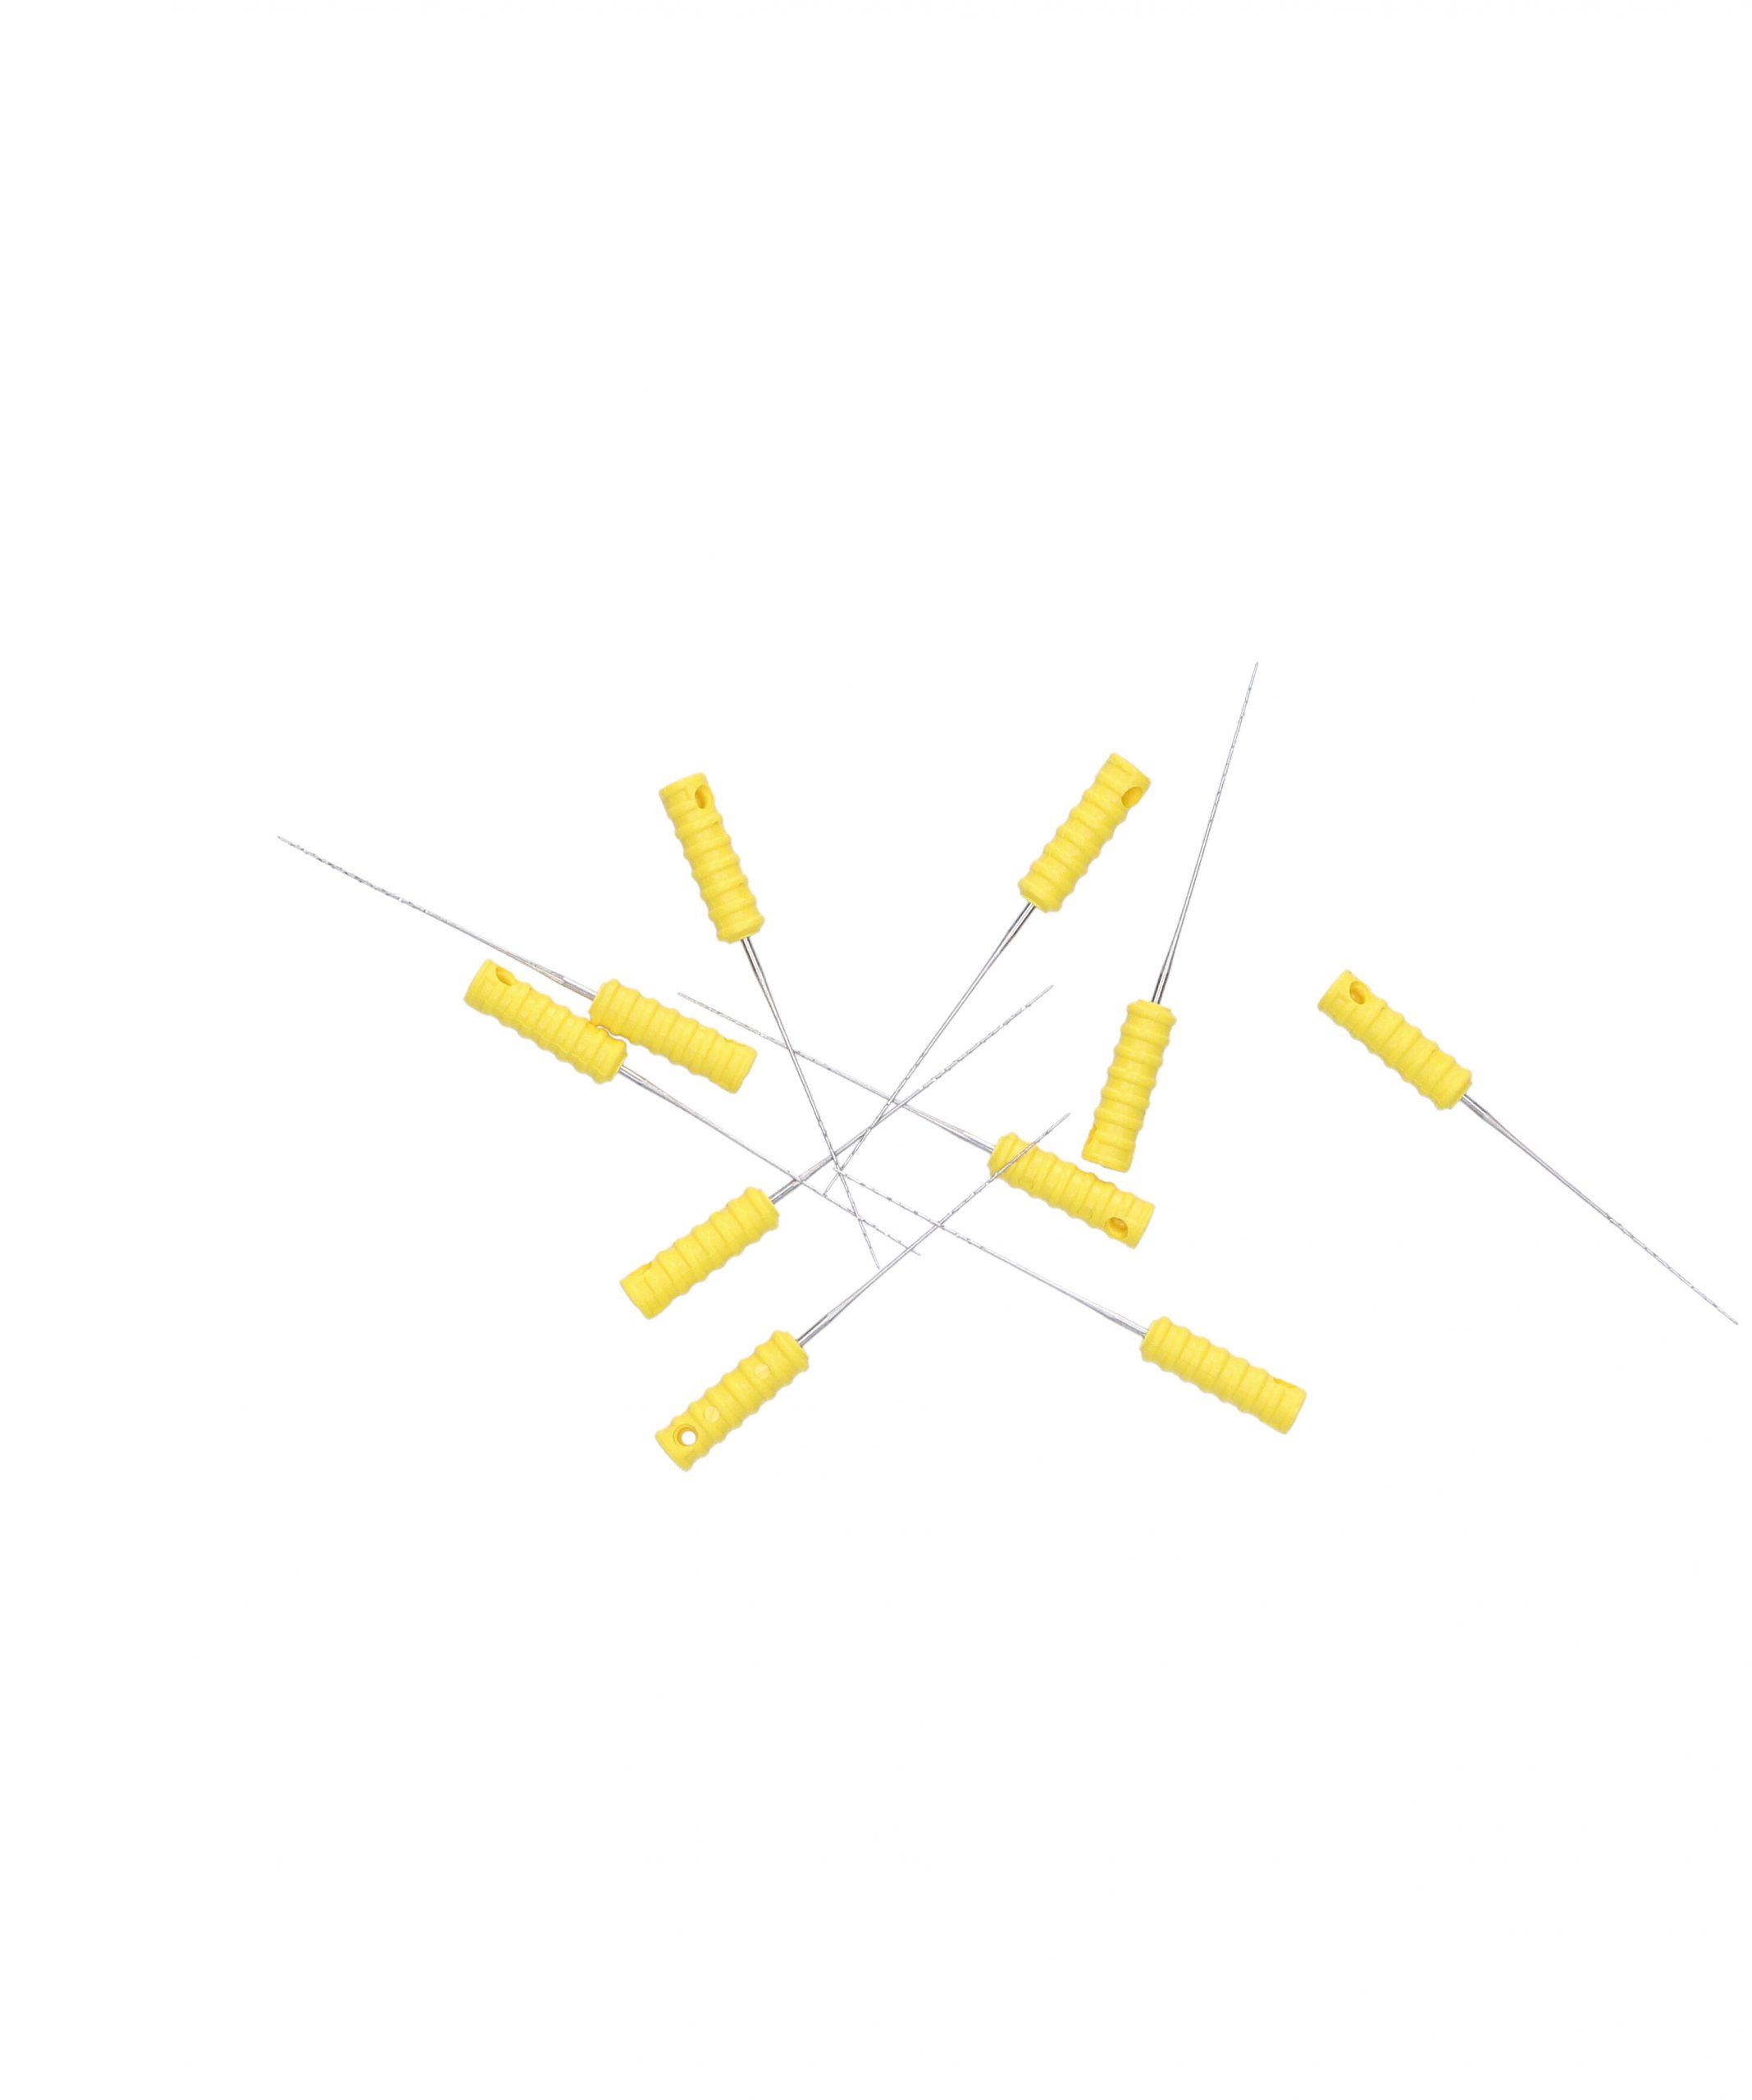 Cleaning needle set